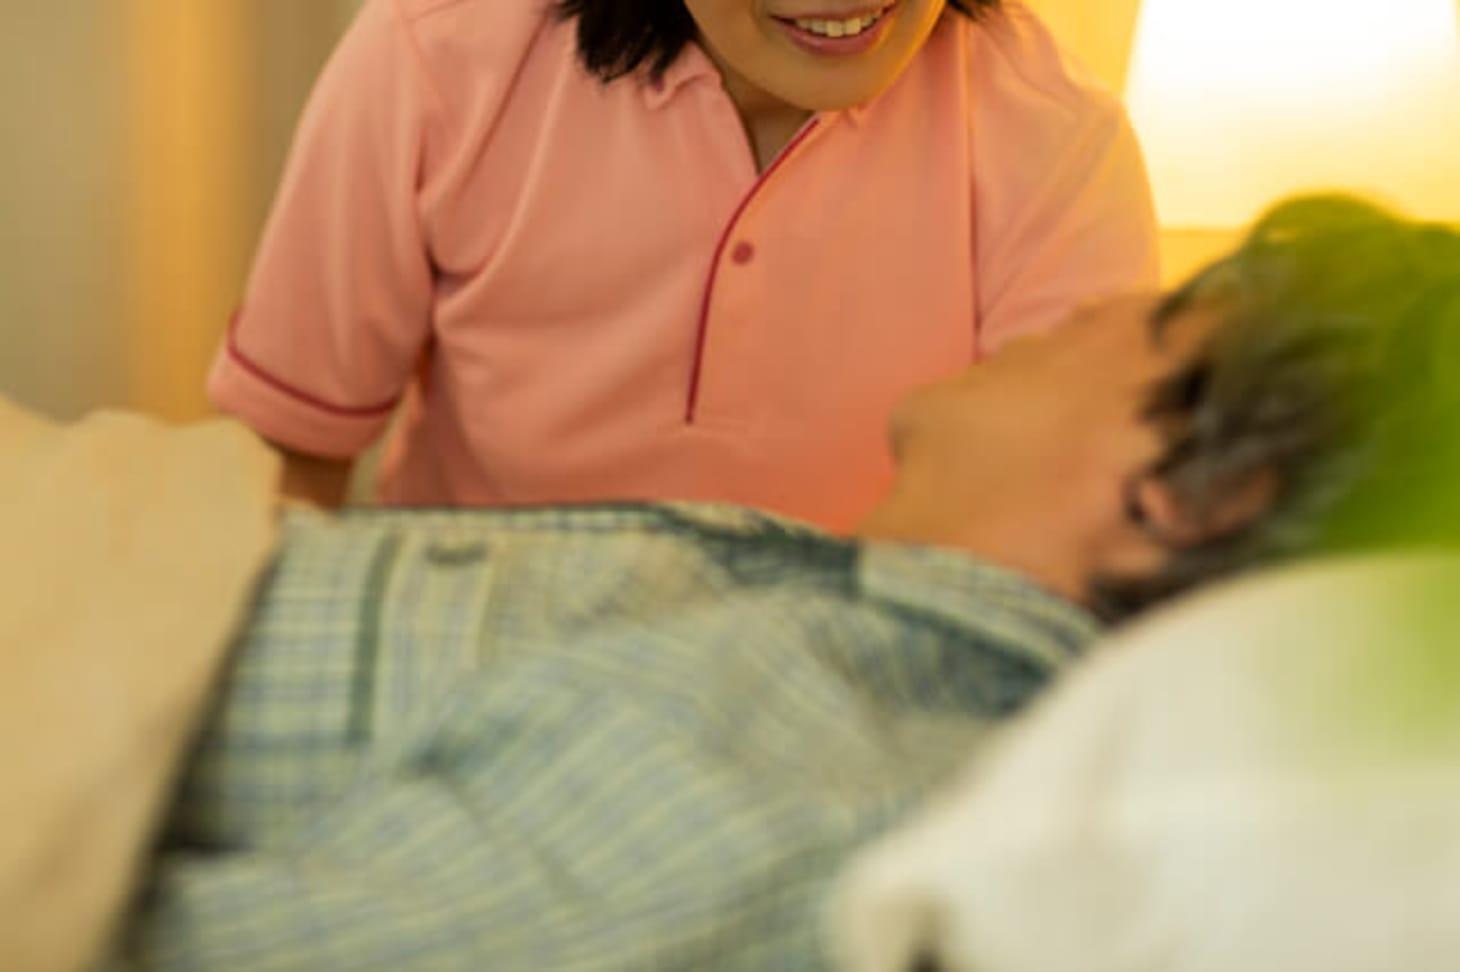 準夜勤での介護施設勤務――時間帯や給与など業務内容について